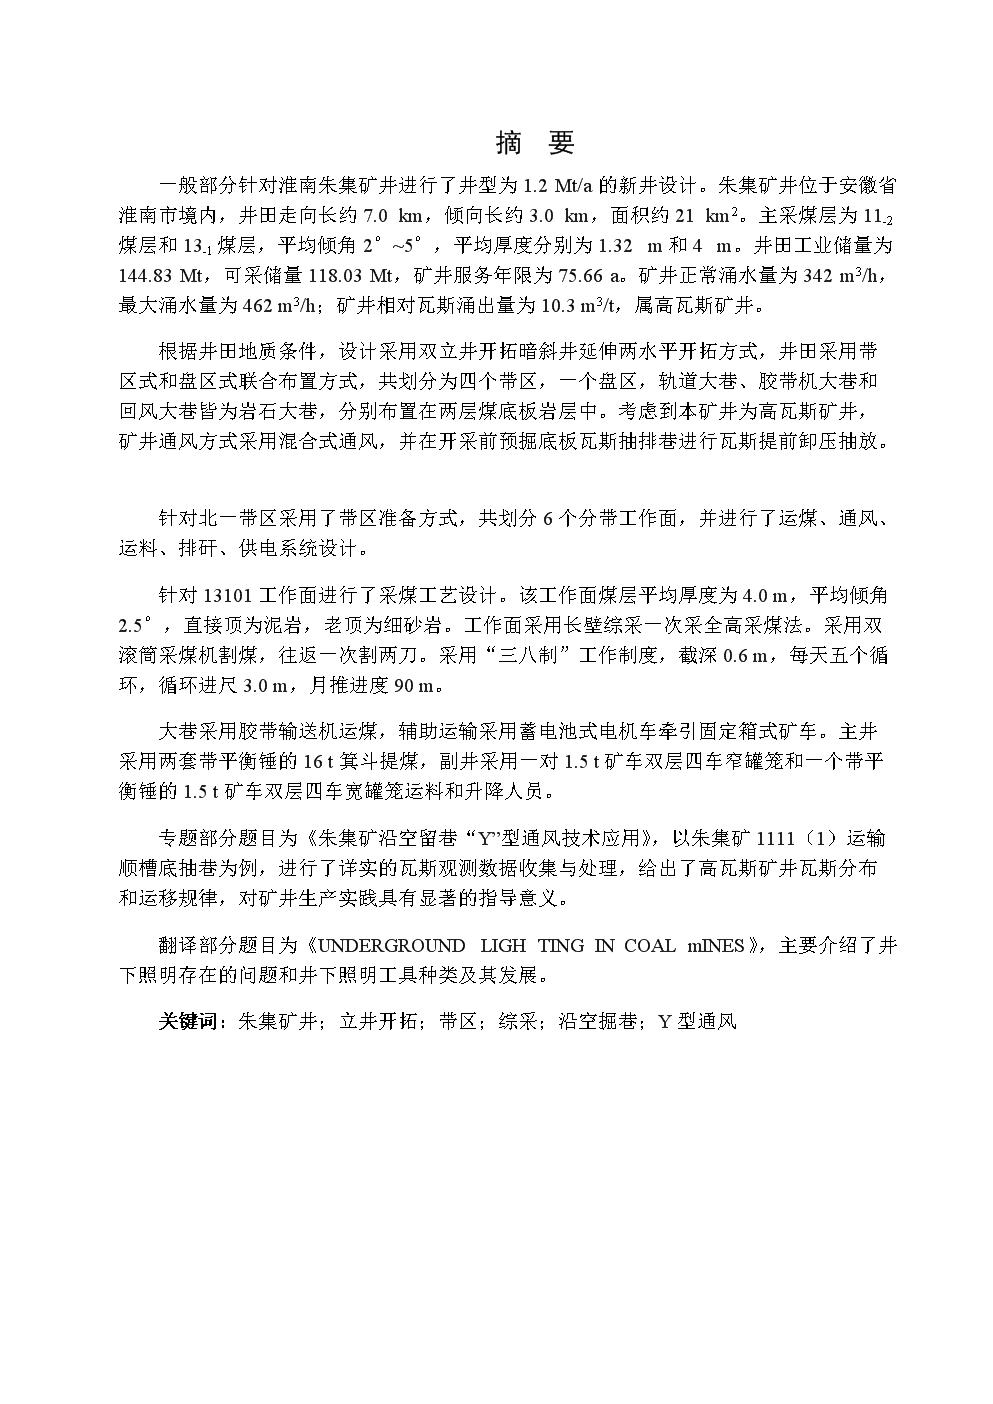 """朱集煤矿1.2 Mt-a新井设计 朱集矿沿空留巷""""Y""""型通风技术应用.docx"""